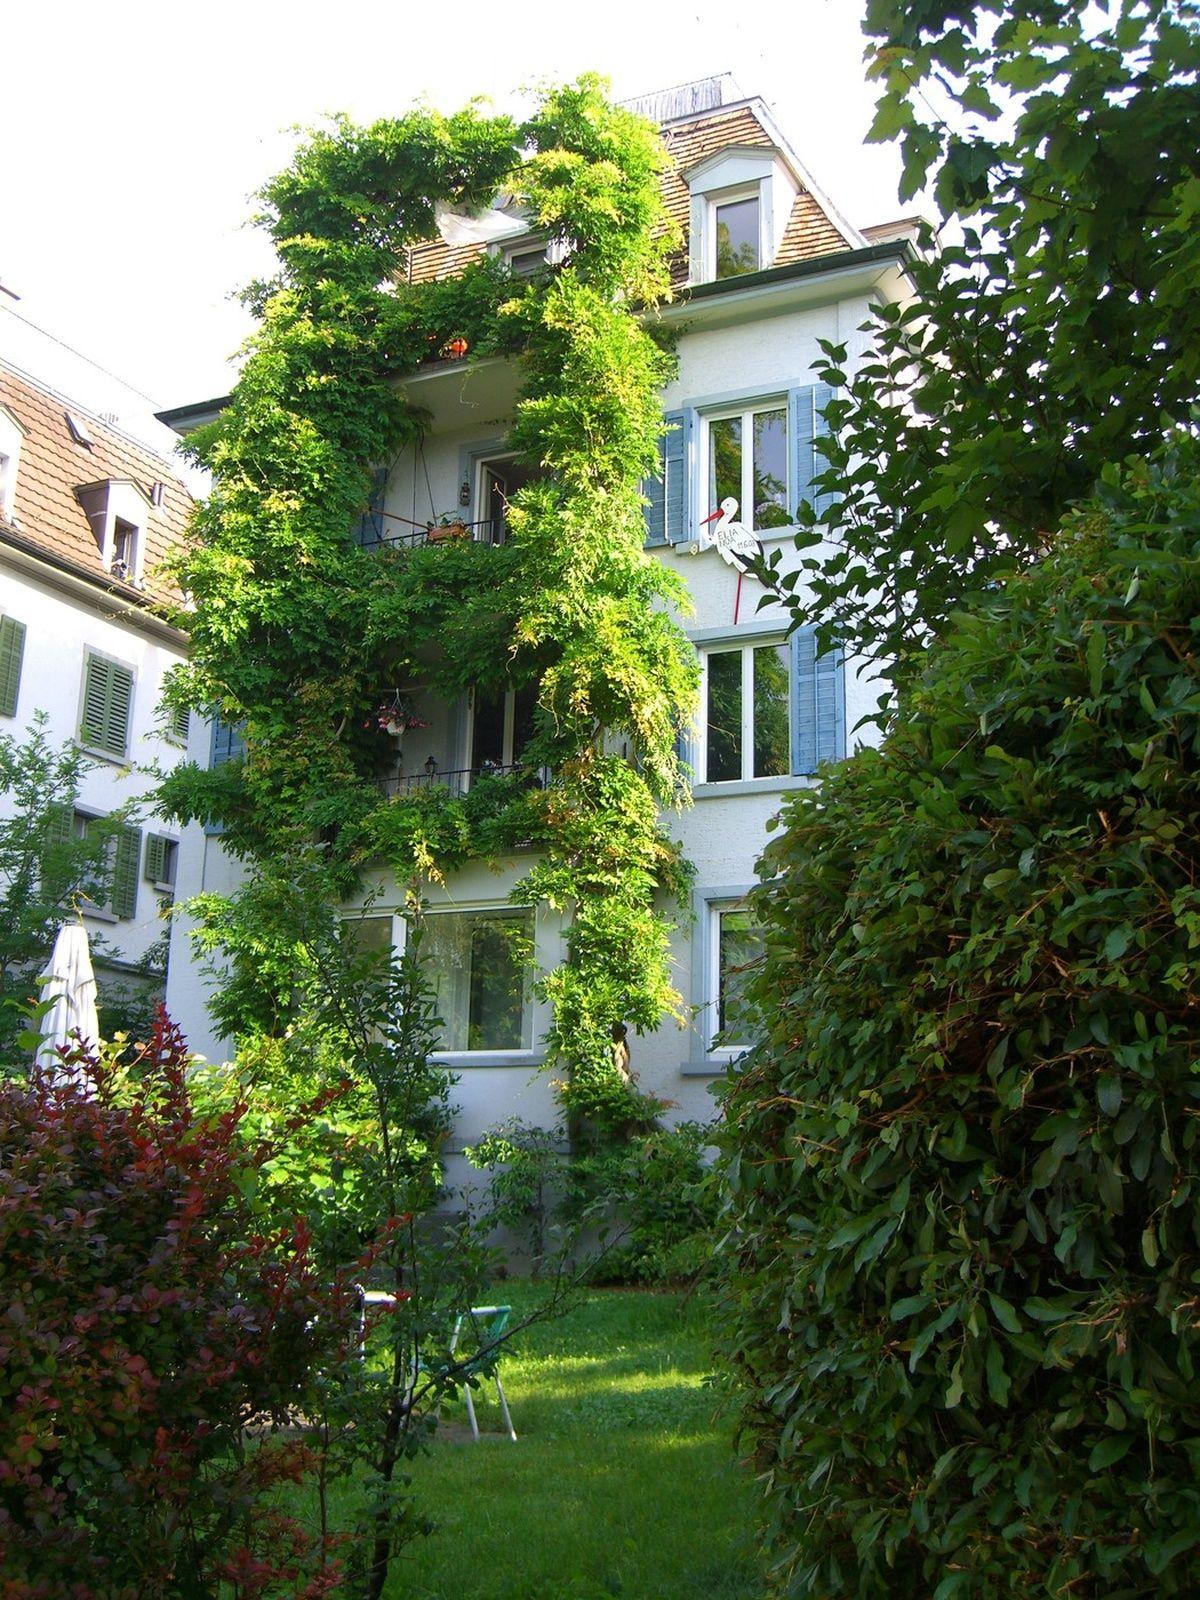 3 Rooms 55m 8052 Zurich Flatfox Wohnung In Zurich Wohnung Mieten Wohnideen